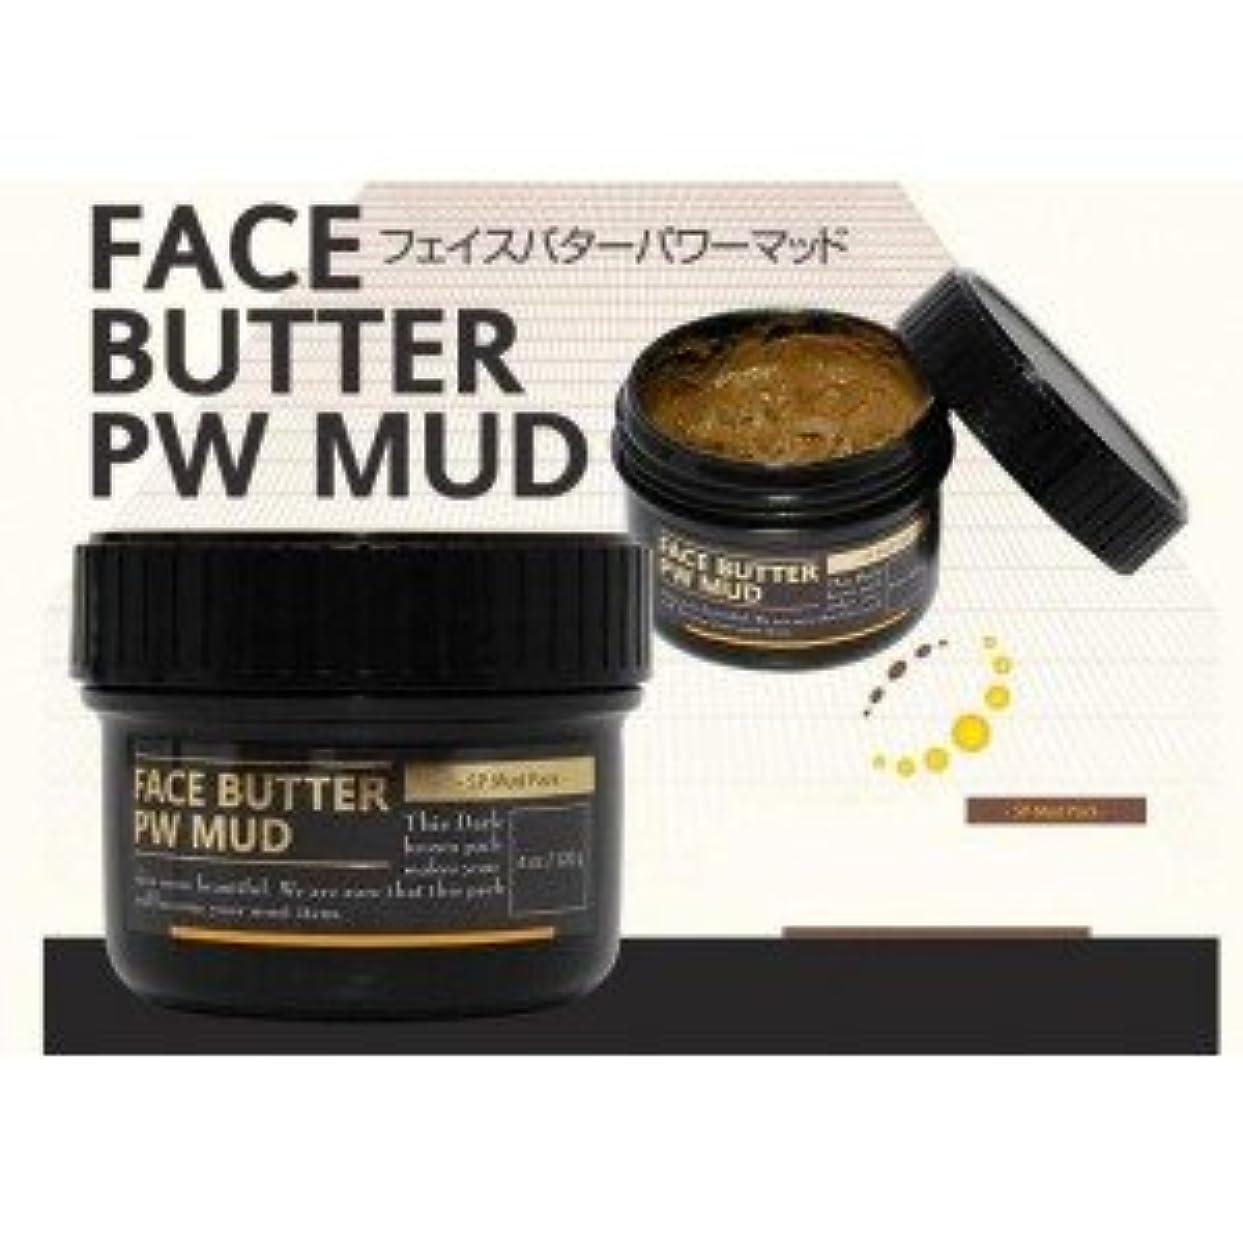 チャーミングエロチック腹部アクティフリー フェイスバターパワーマッド(FACE BUTTER PW MUD) 120g